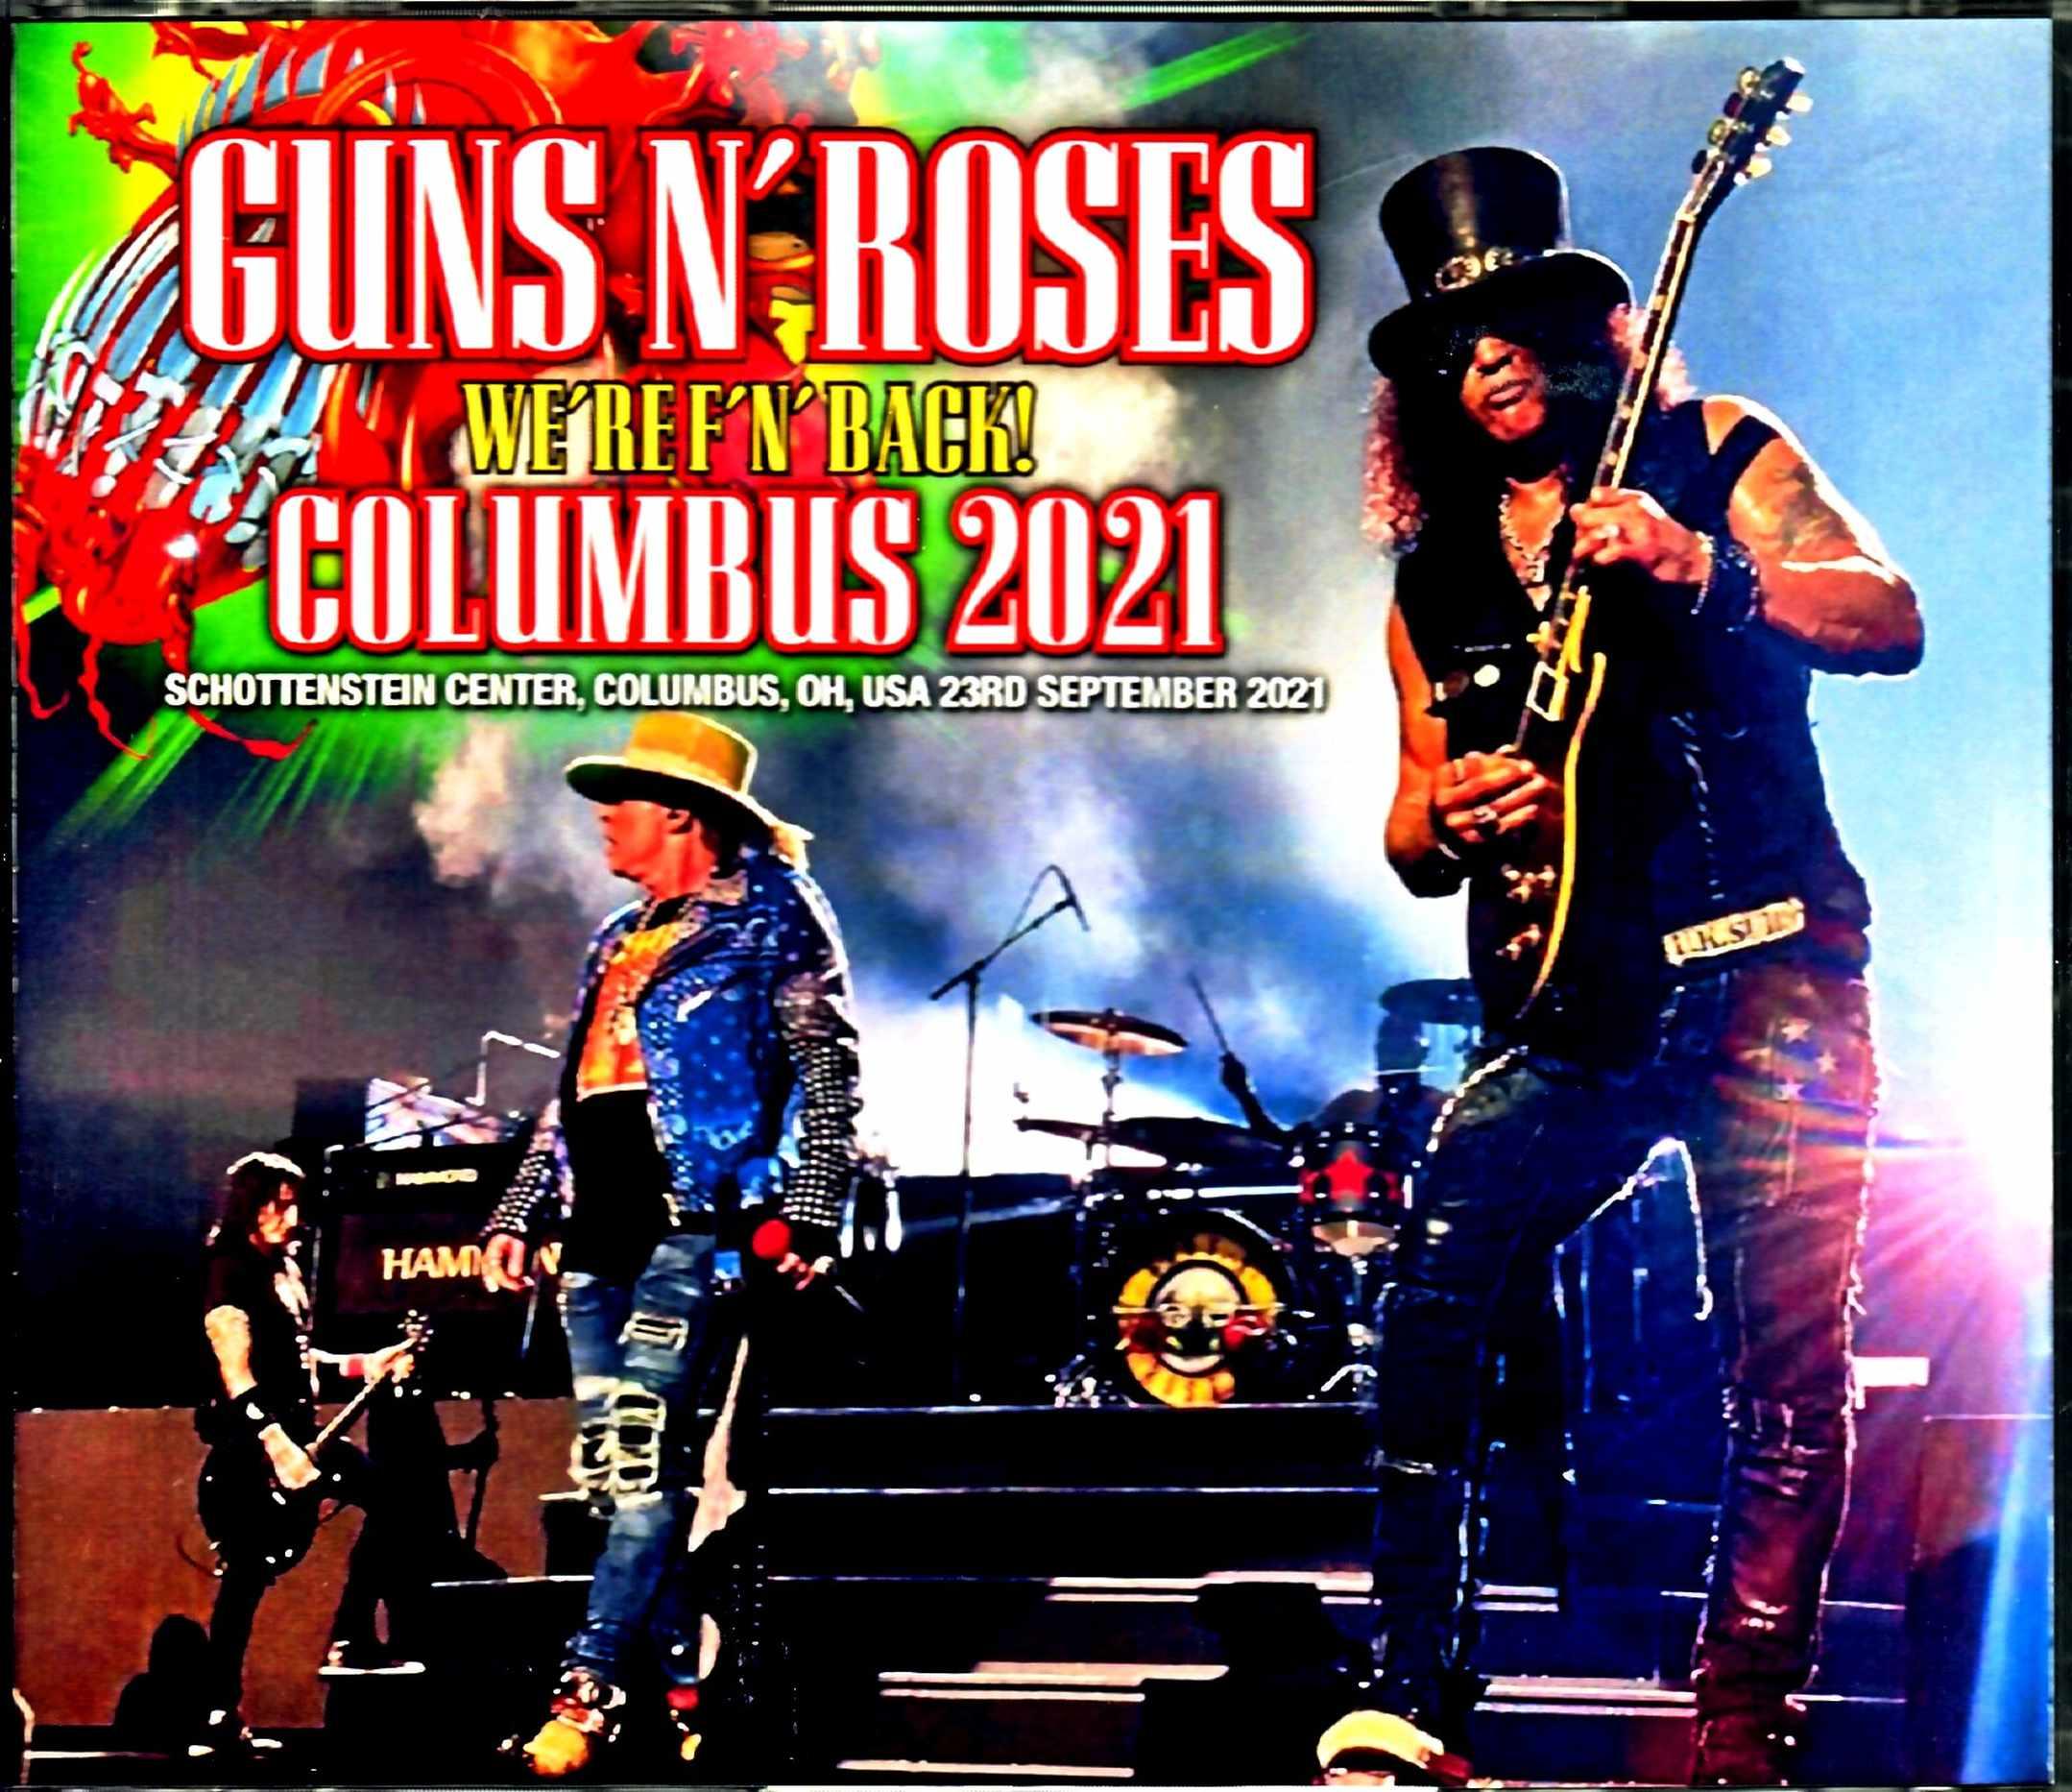 Guns N' Roses ガンズ・アンド・ローゼス/OH,USA 2021